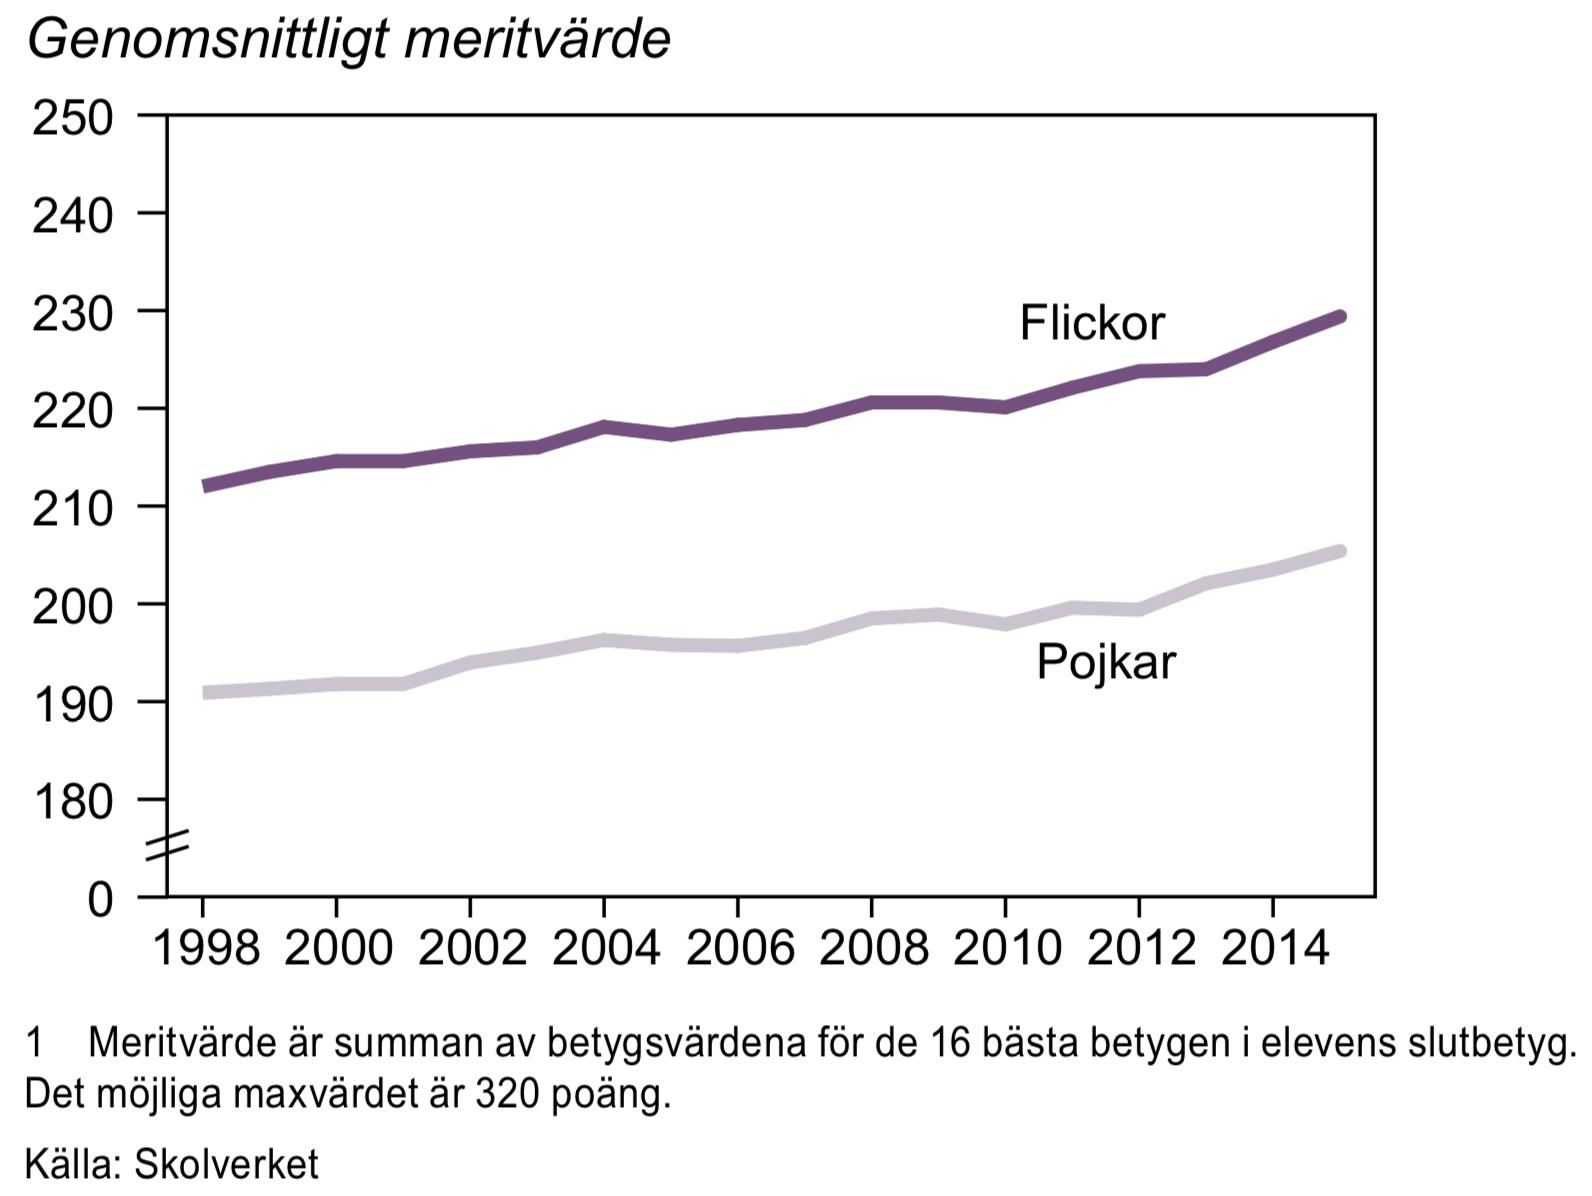 Meritvärde för elever som avslutat årskurs 9, 1998-2015